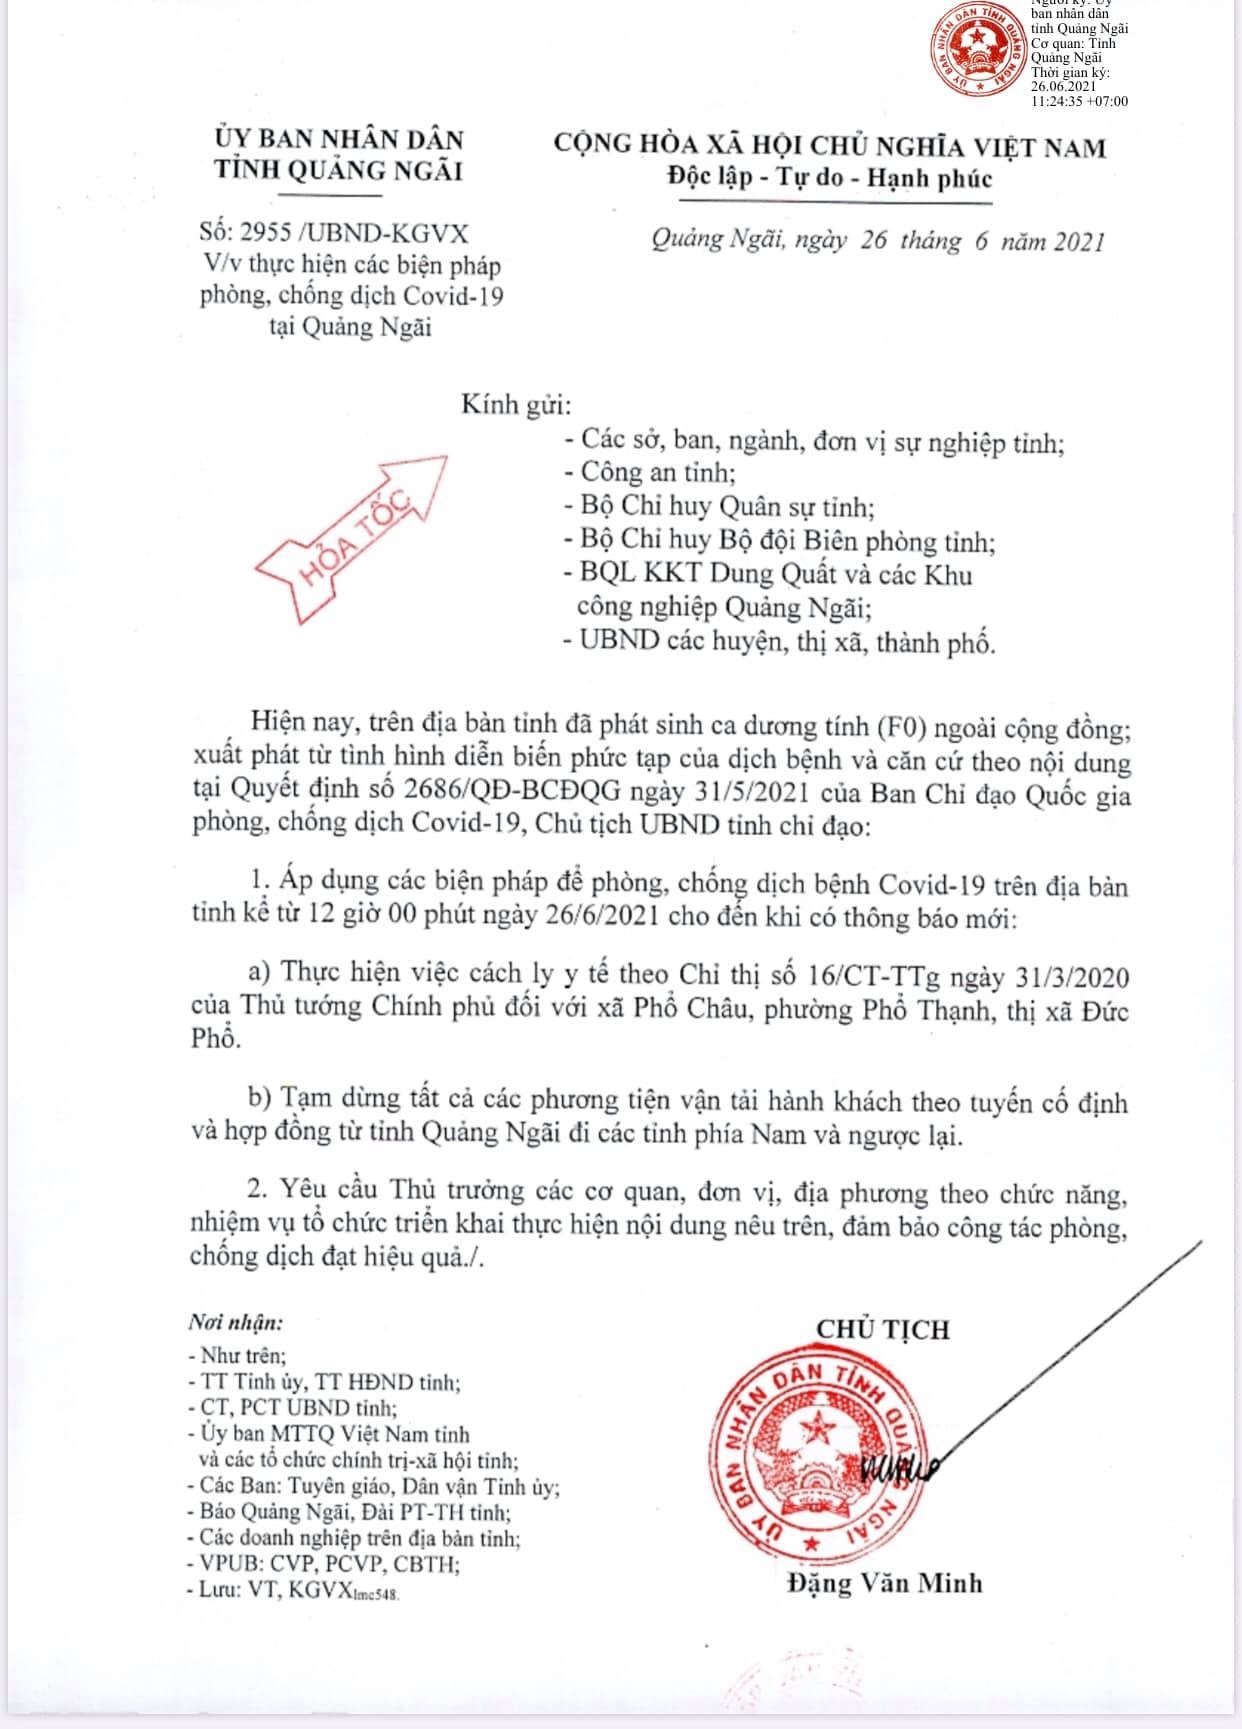 Văn bản hoả tốc phòng, chồng dịch COVID - 19 của UBND tỉnh Quảng Ngãi